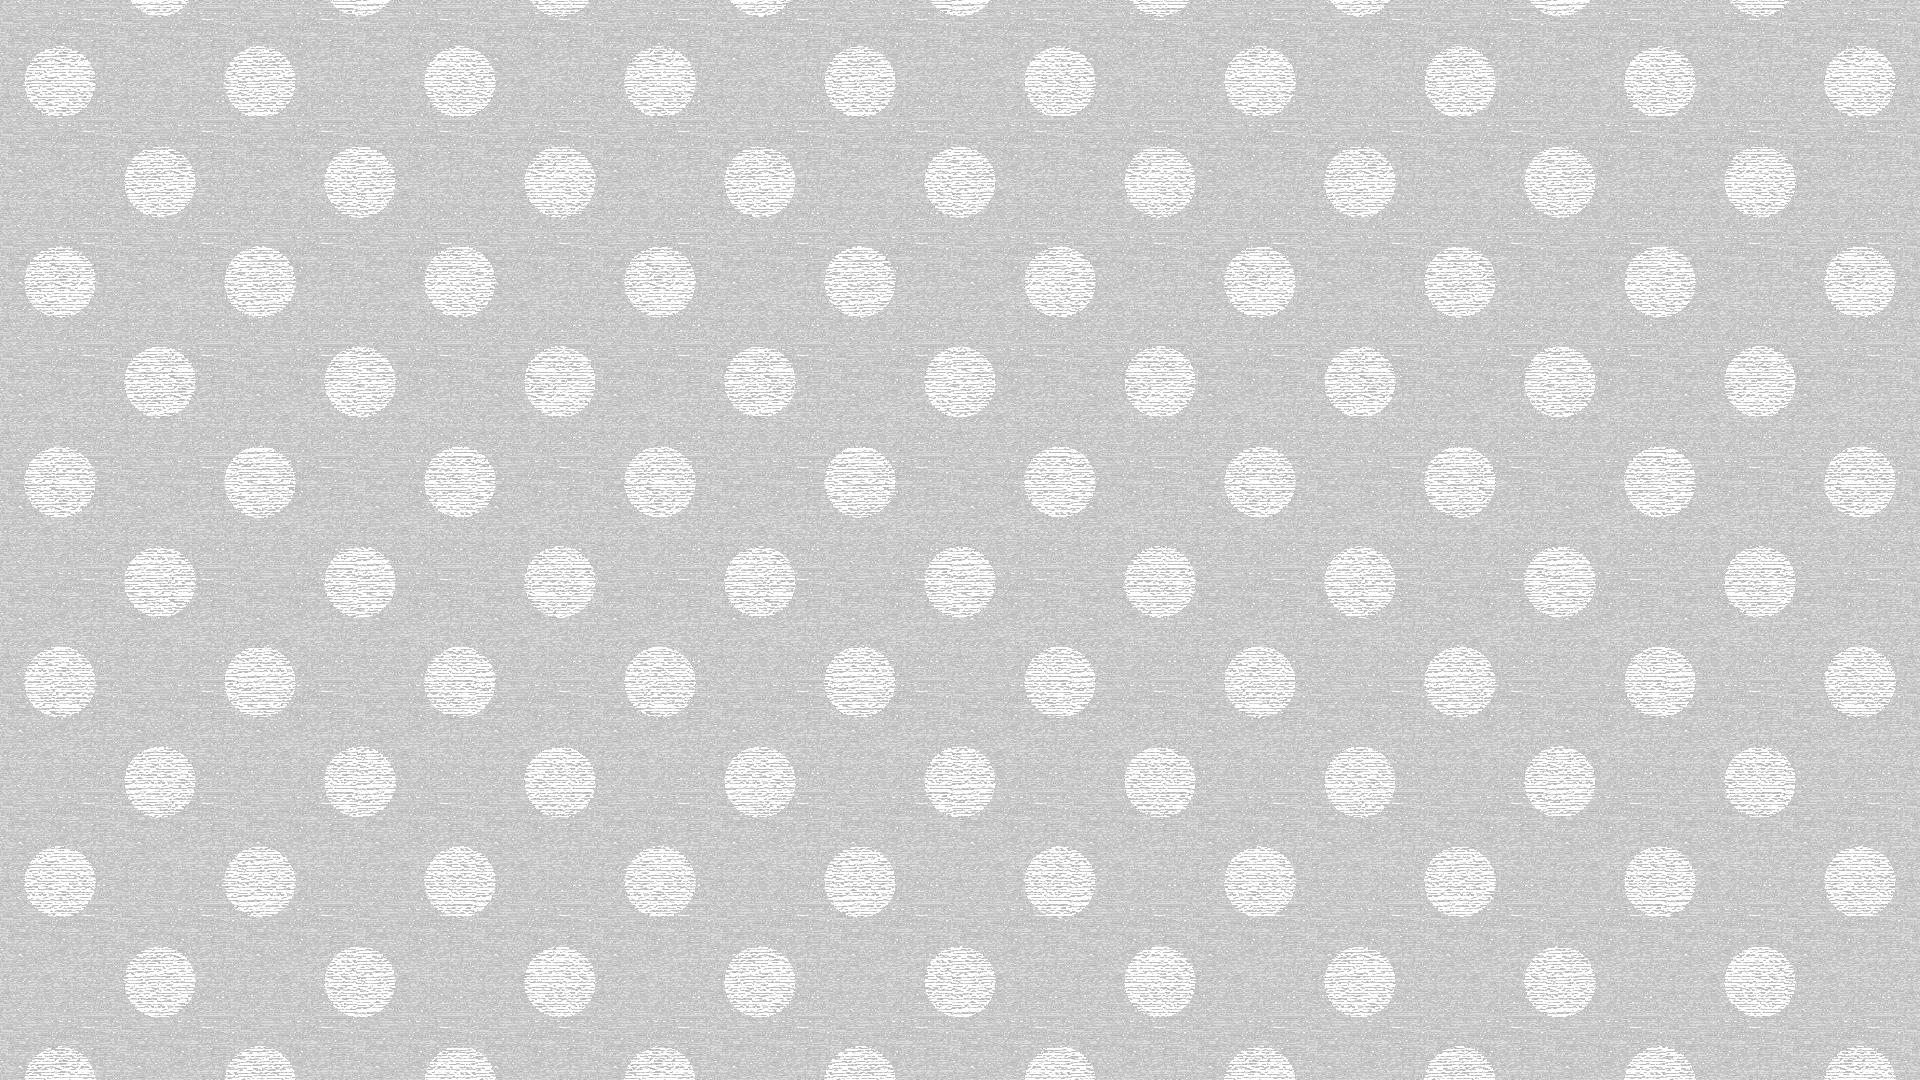 ドット模様2_gray